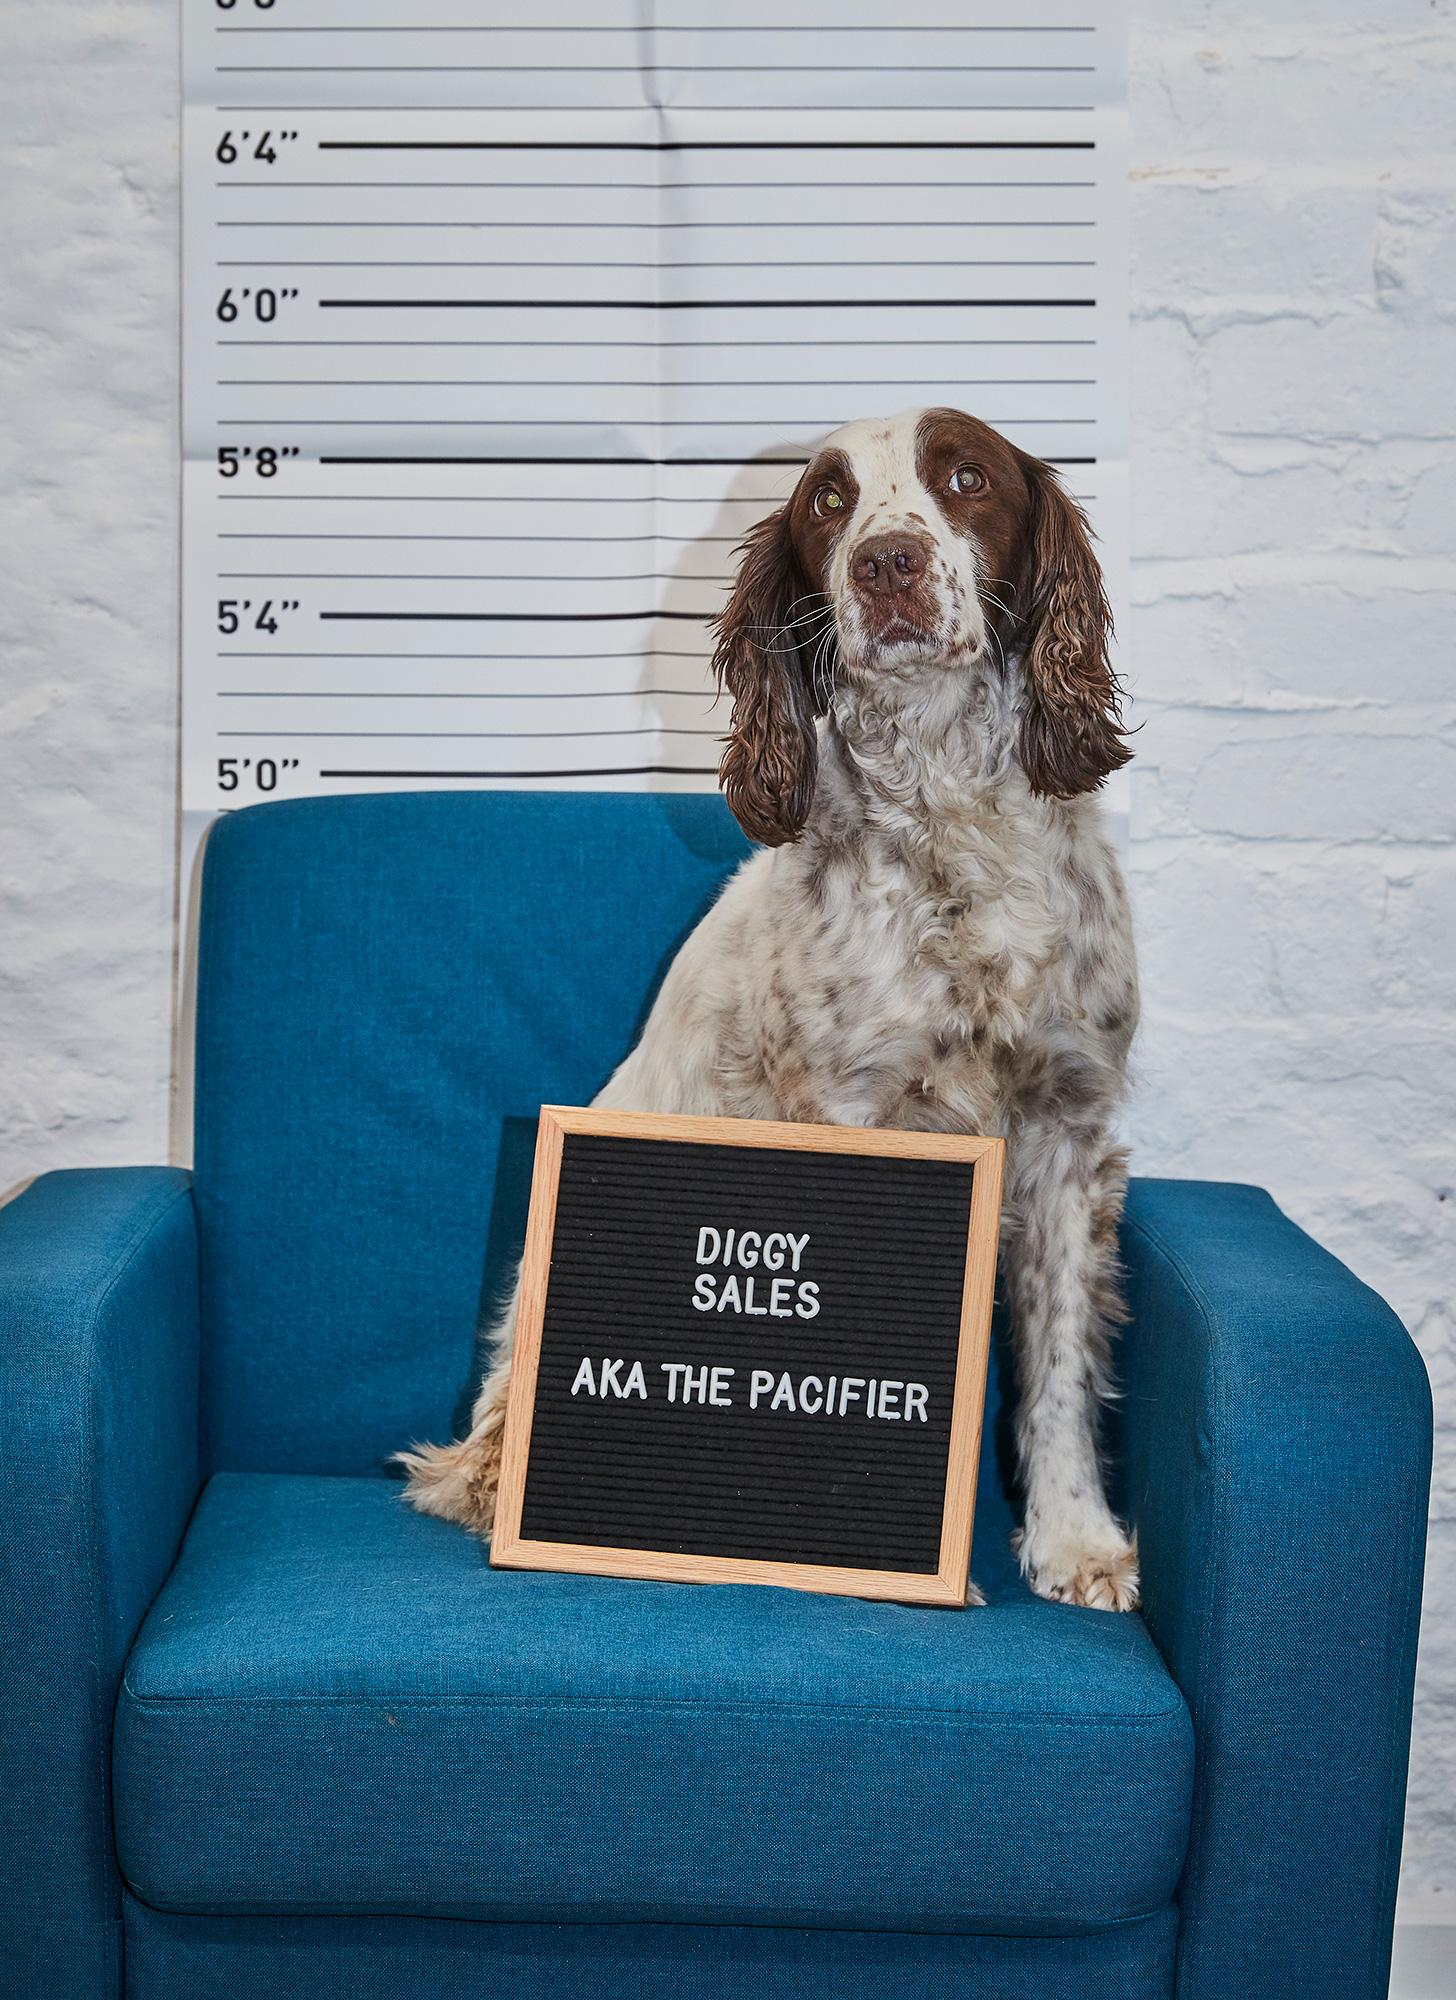 saxbys-cider-digg-the-dog.jpg